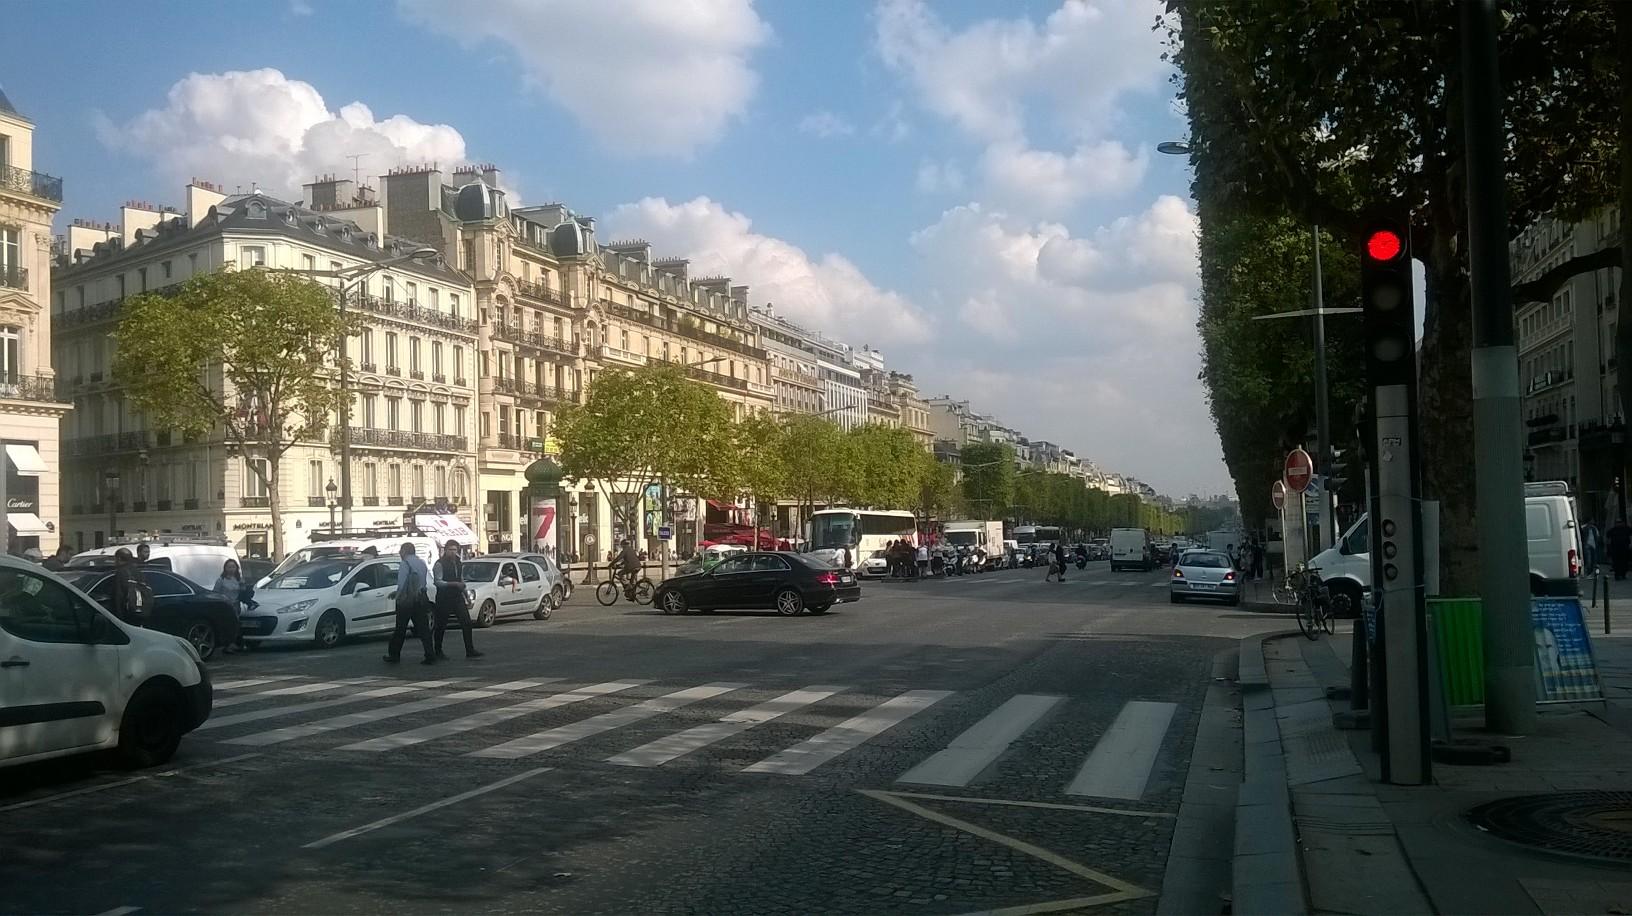 paris-ave-champs-elysc3a9es-to-concorde-sep16